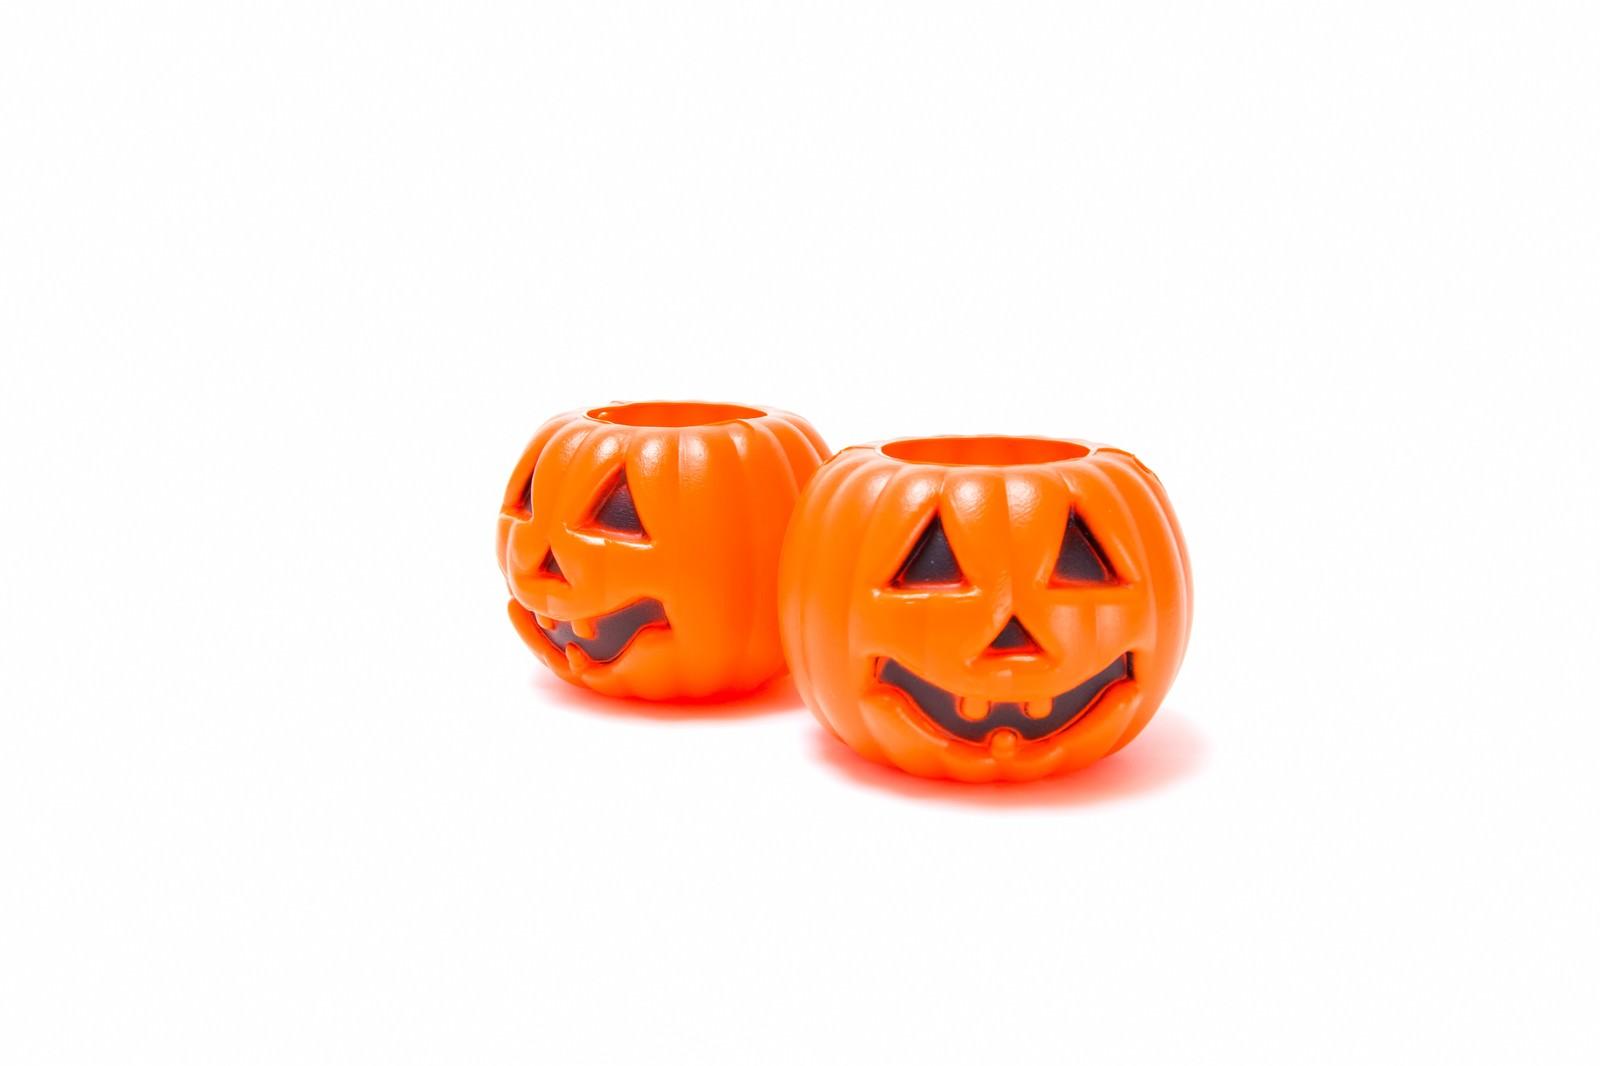 「ハロウィンのかぼちゃ」の写真